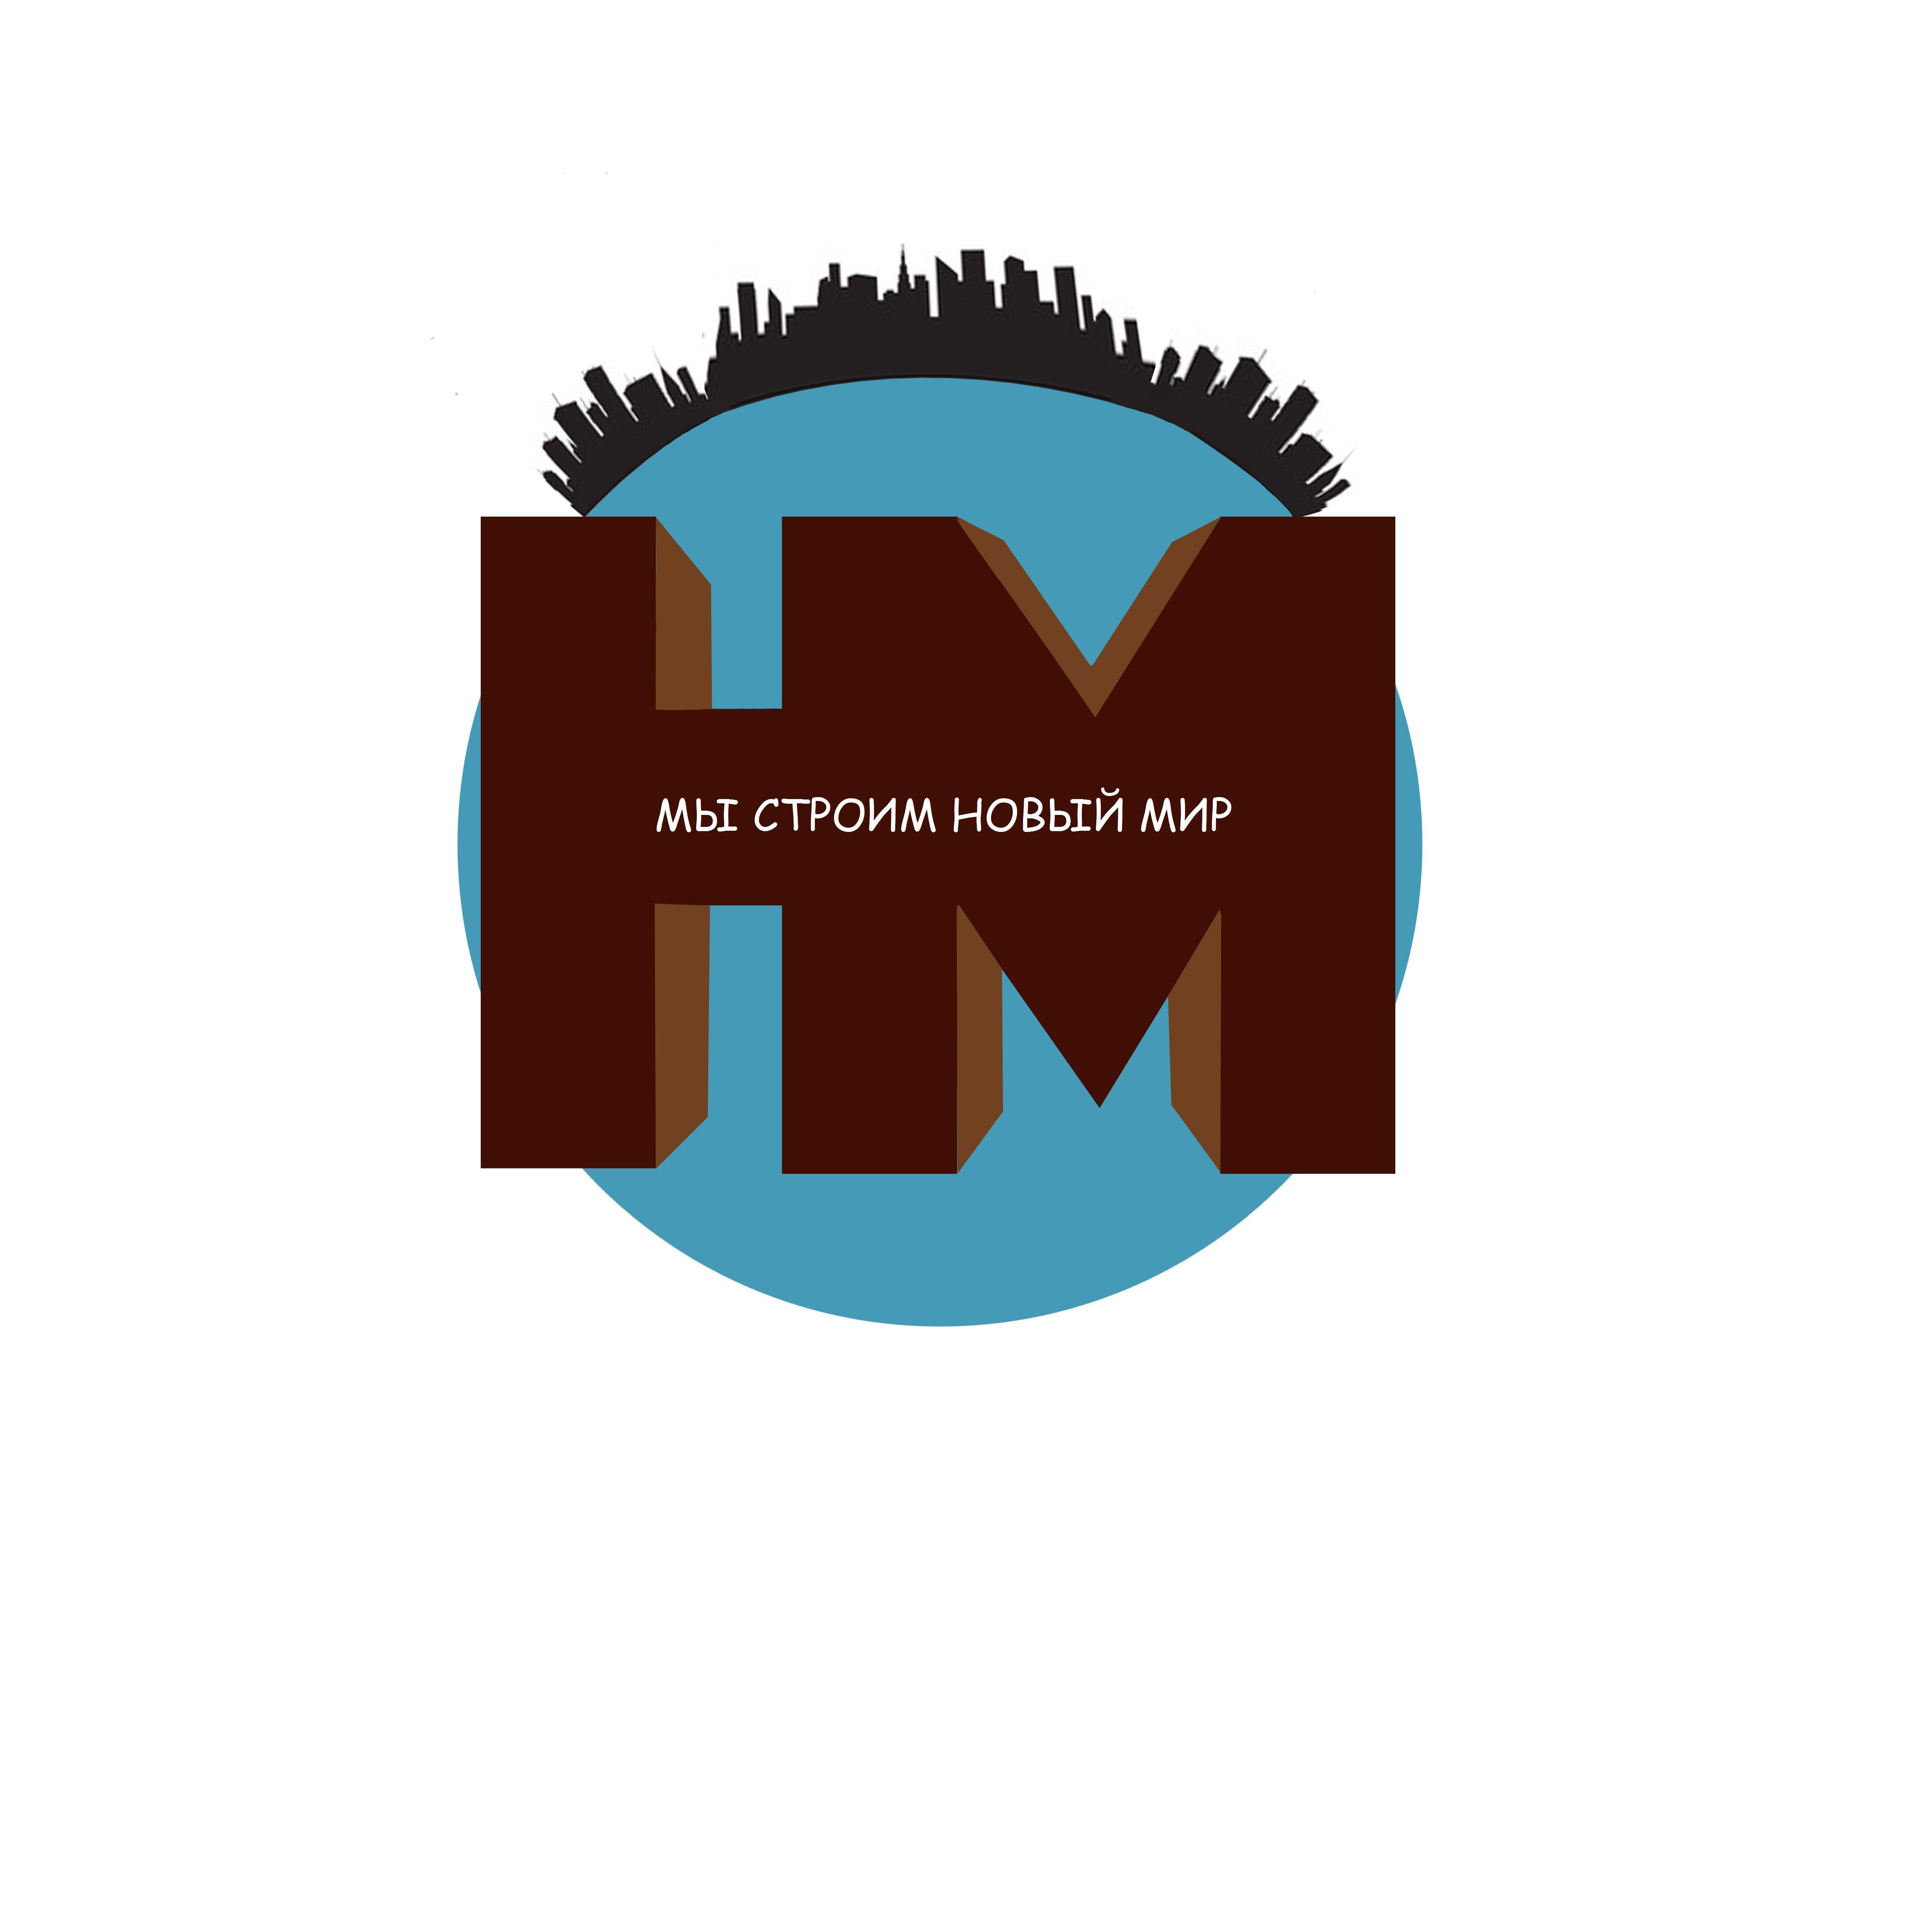 Логотип для строительной компании - дизайнер Goden